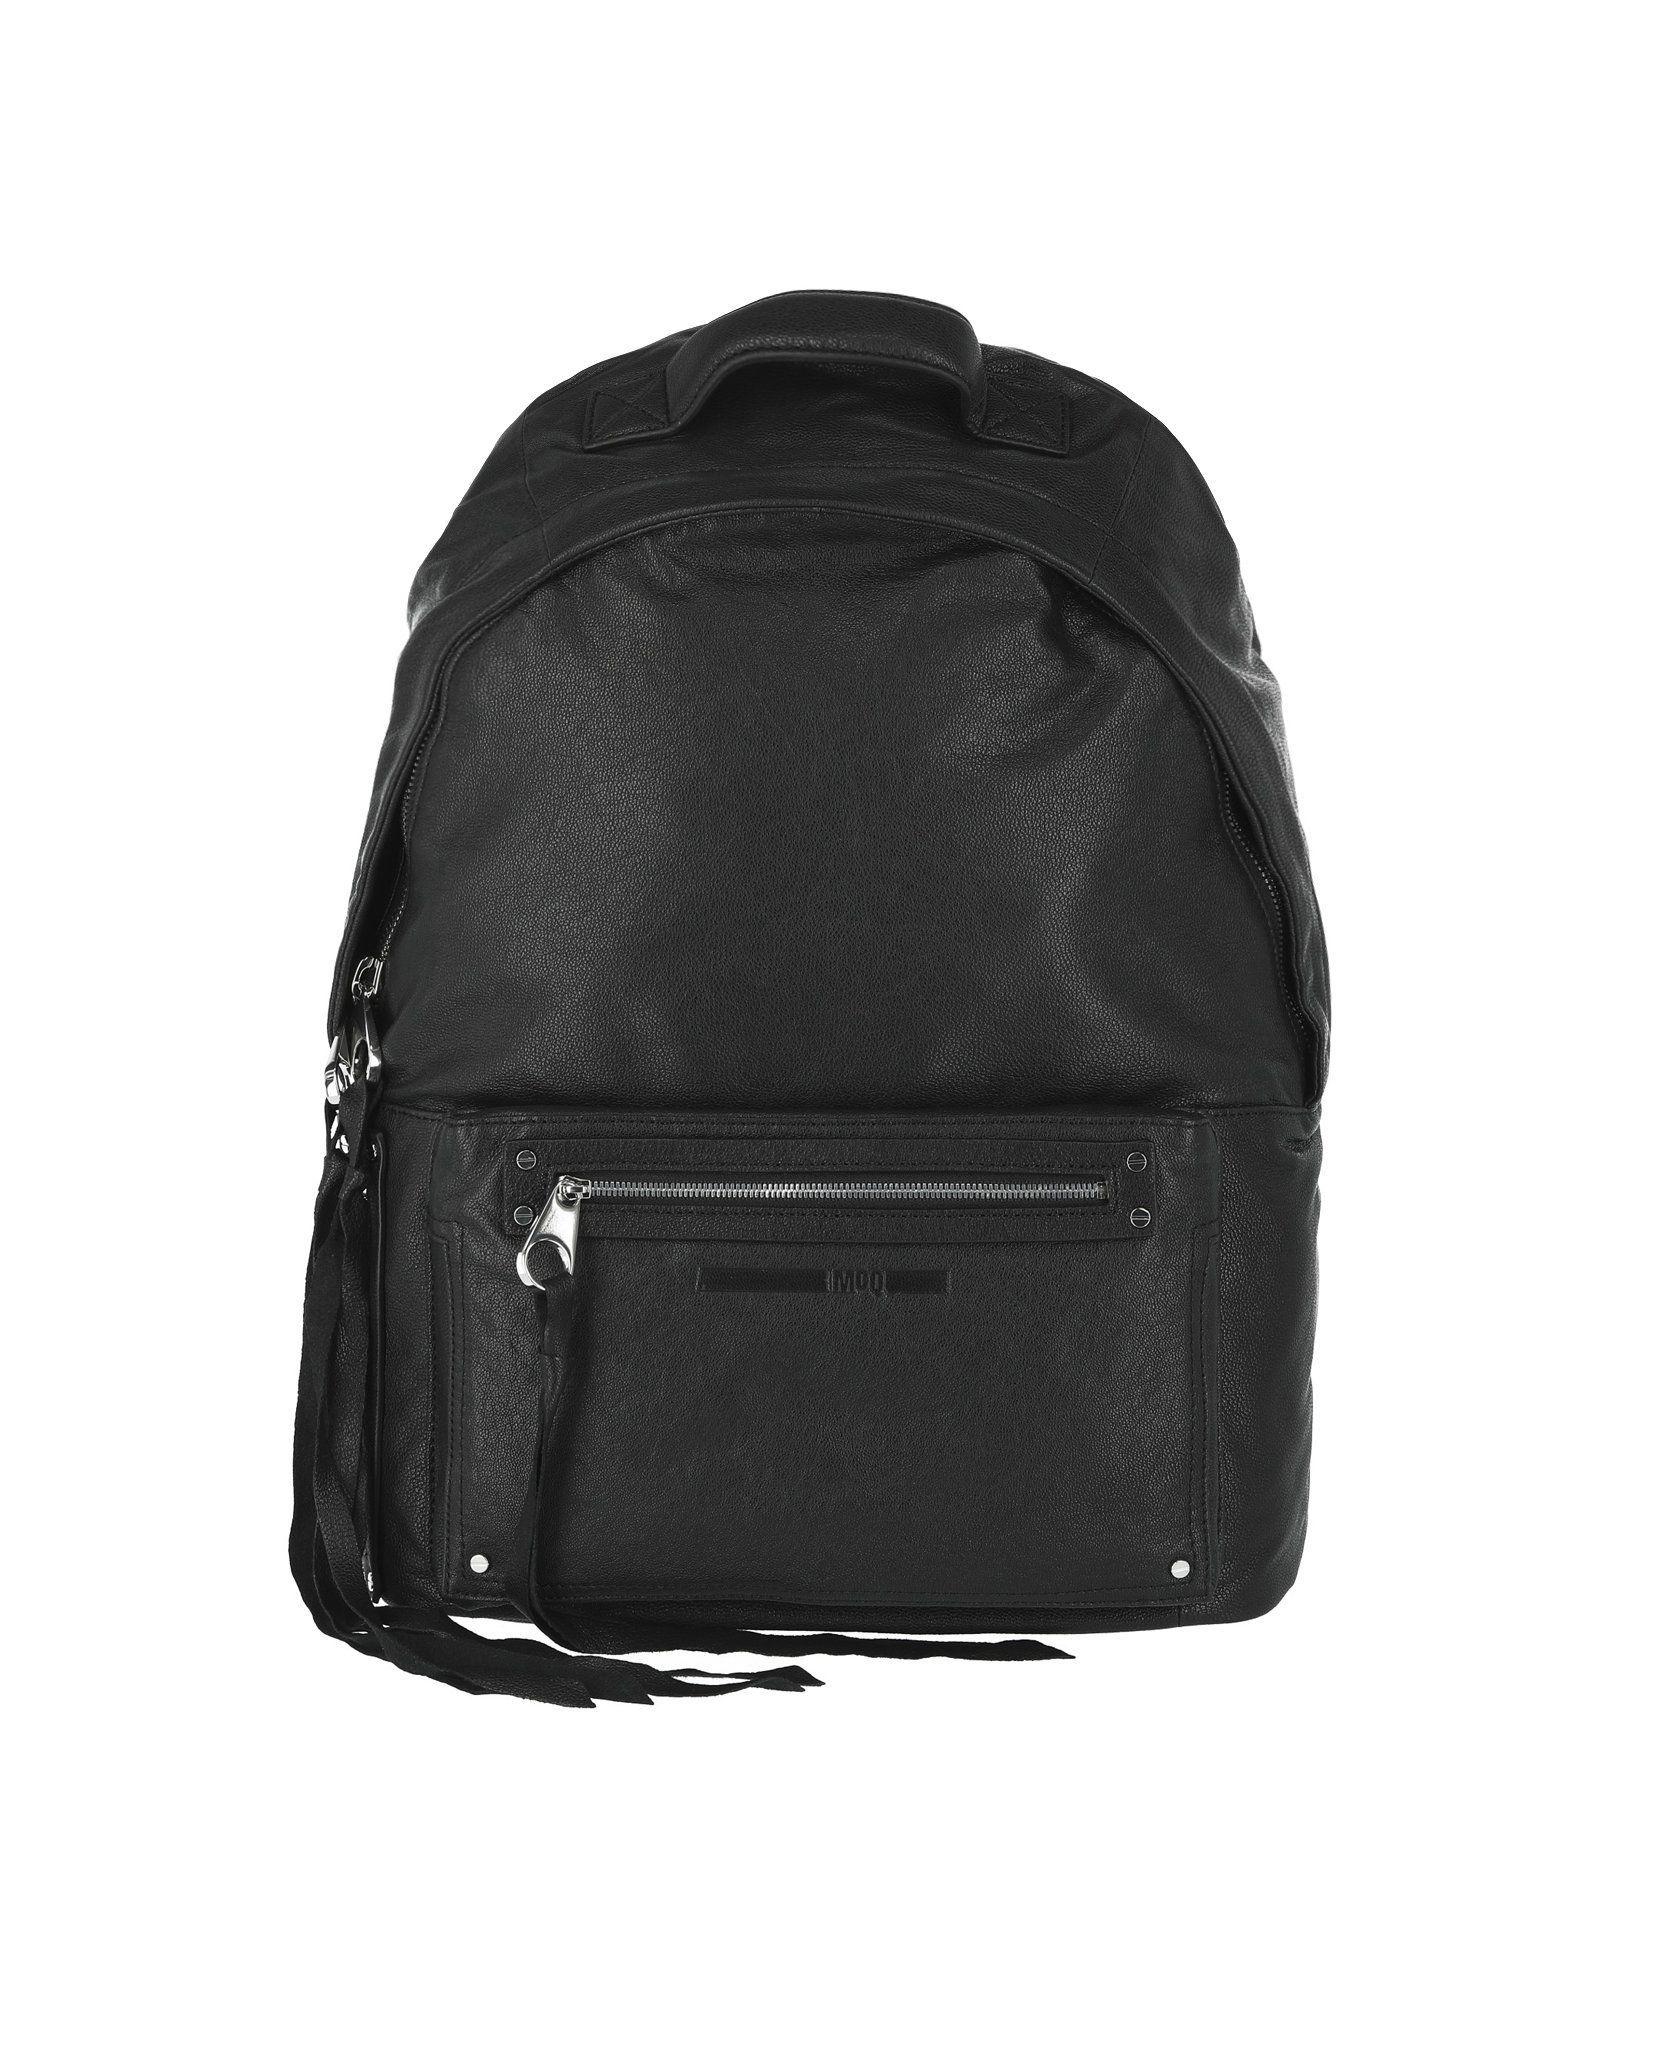 McQ Alexander McQueen Loveless Backpack  db055a2d5e2d7